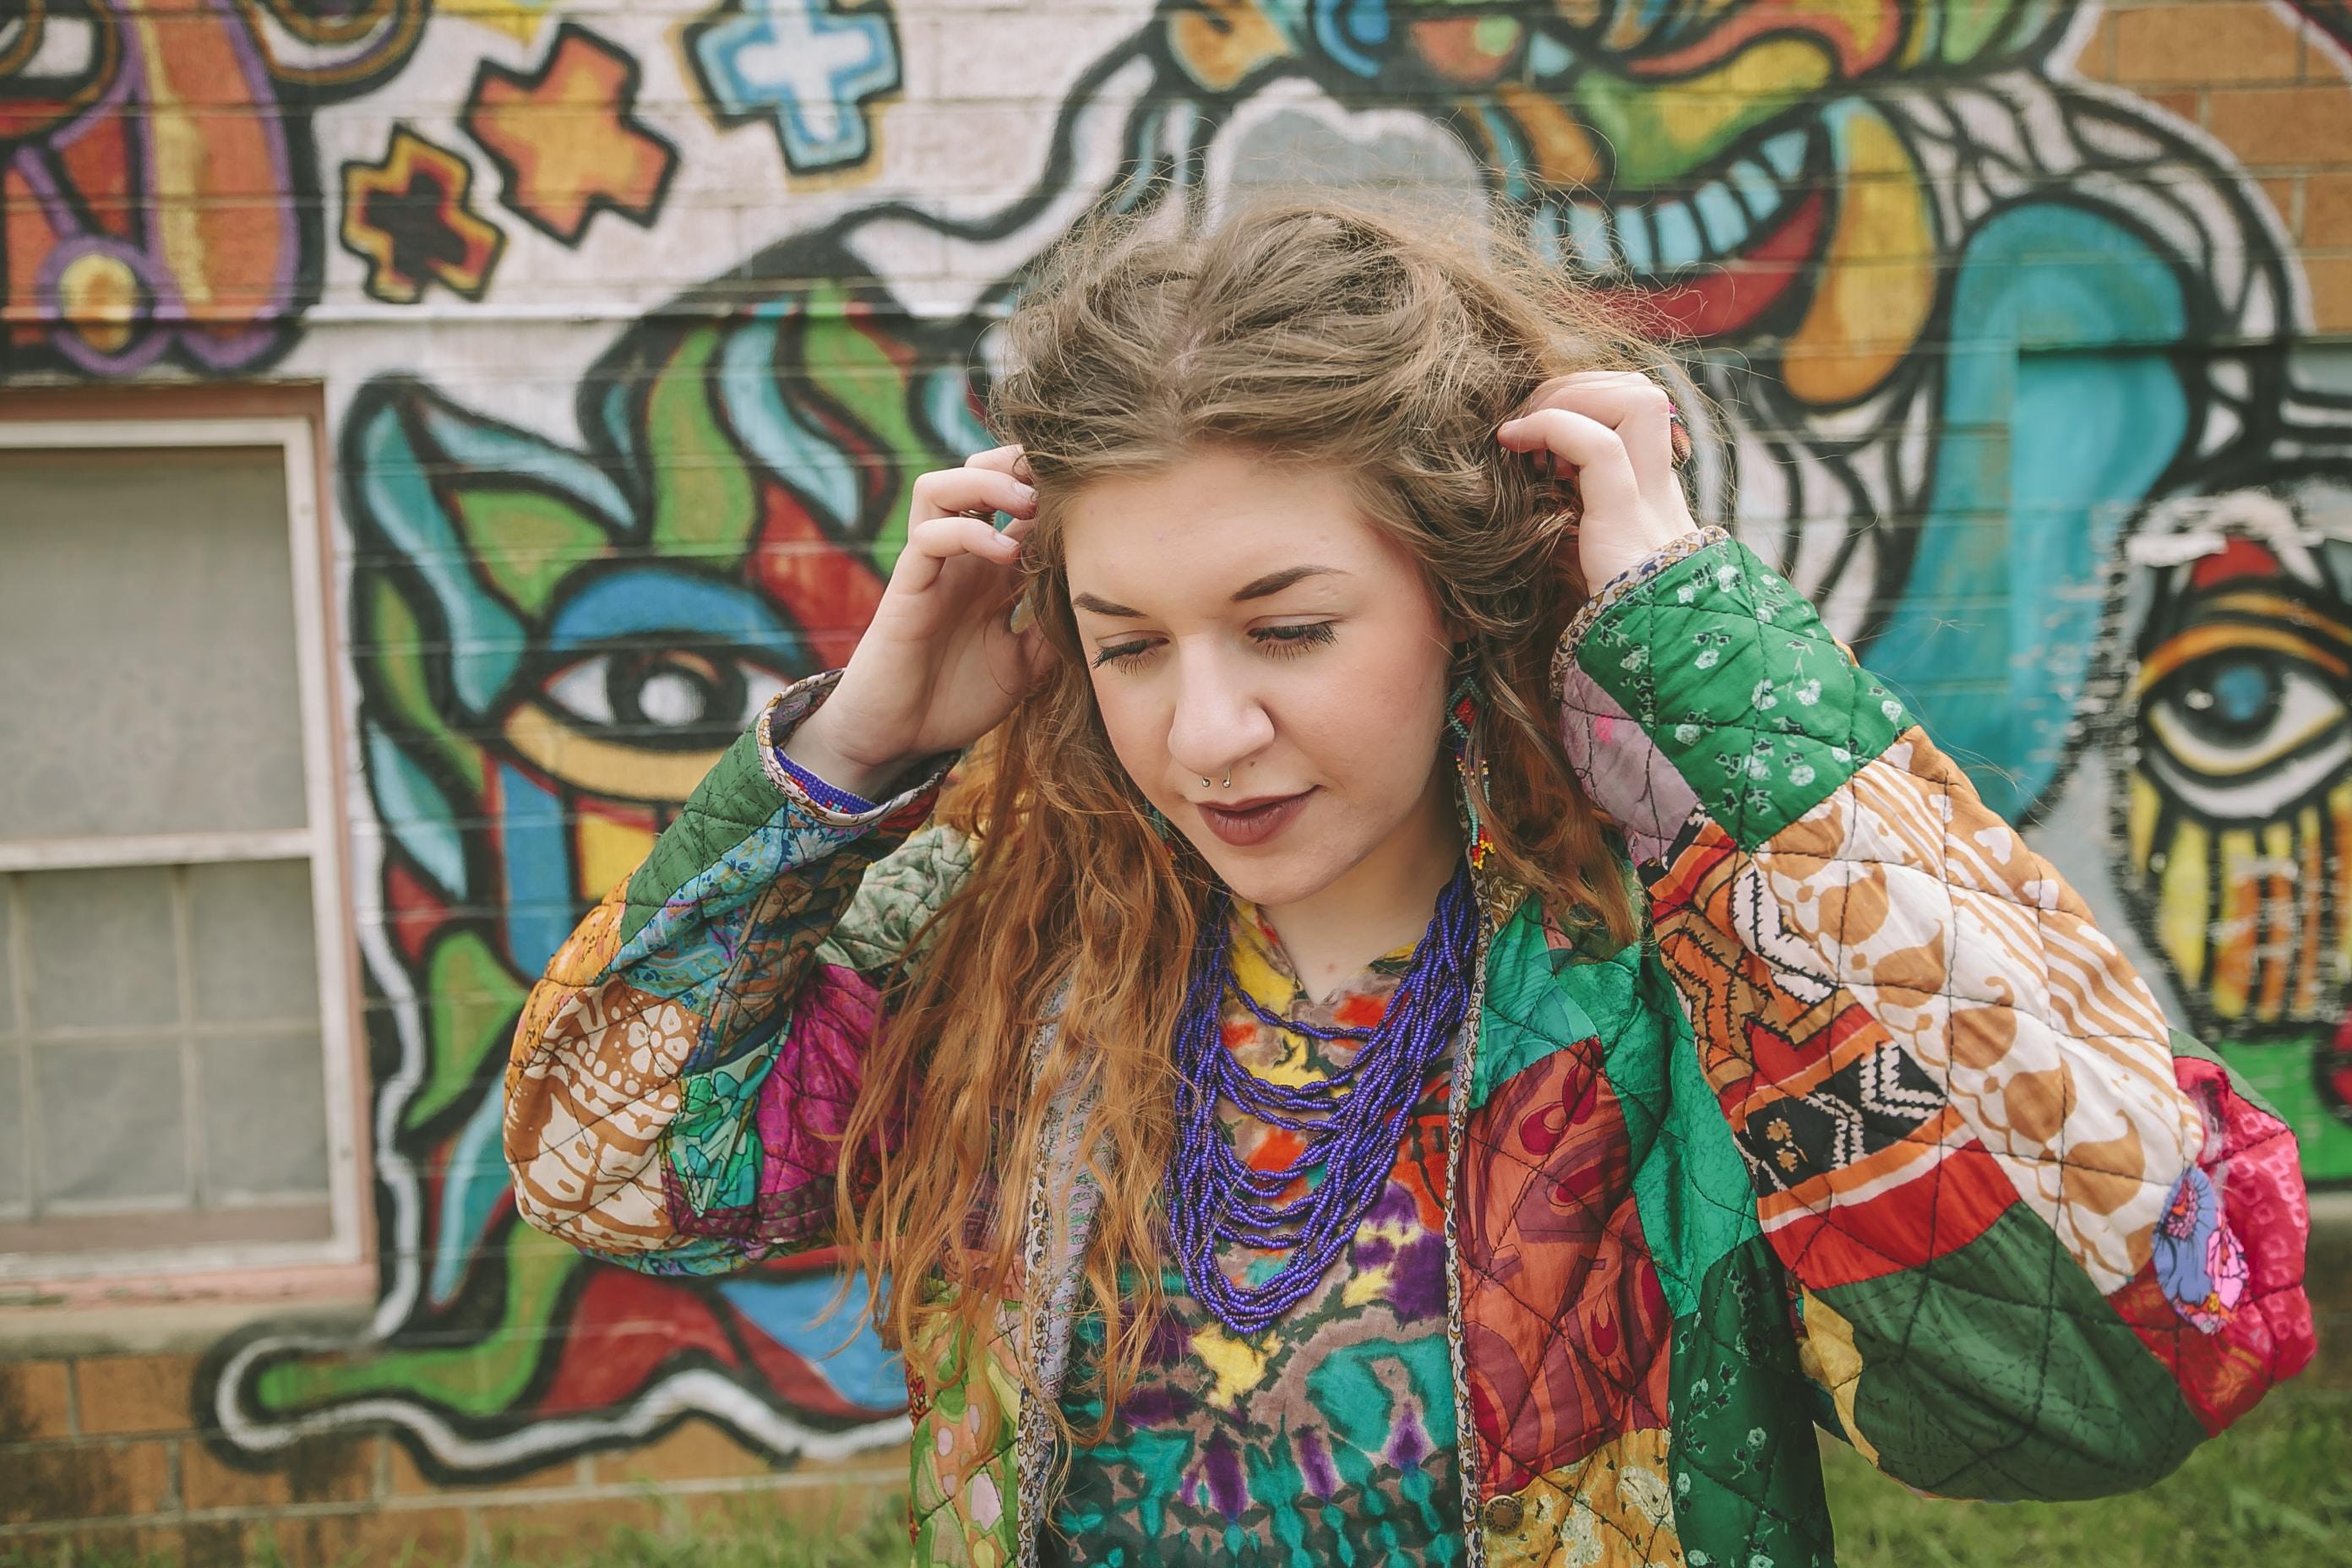 woman standing near wall with graffiti